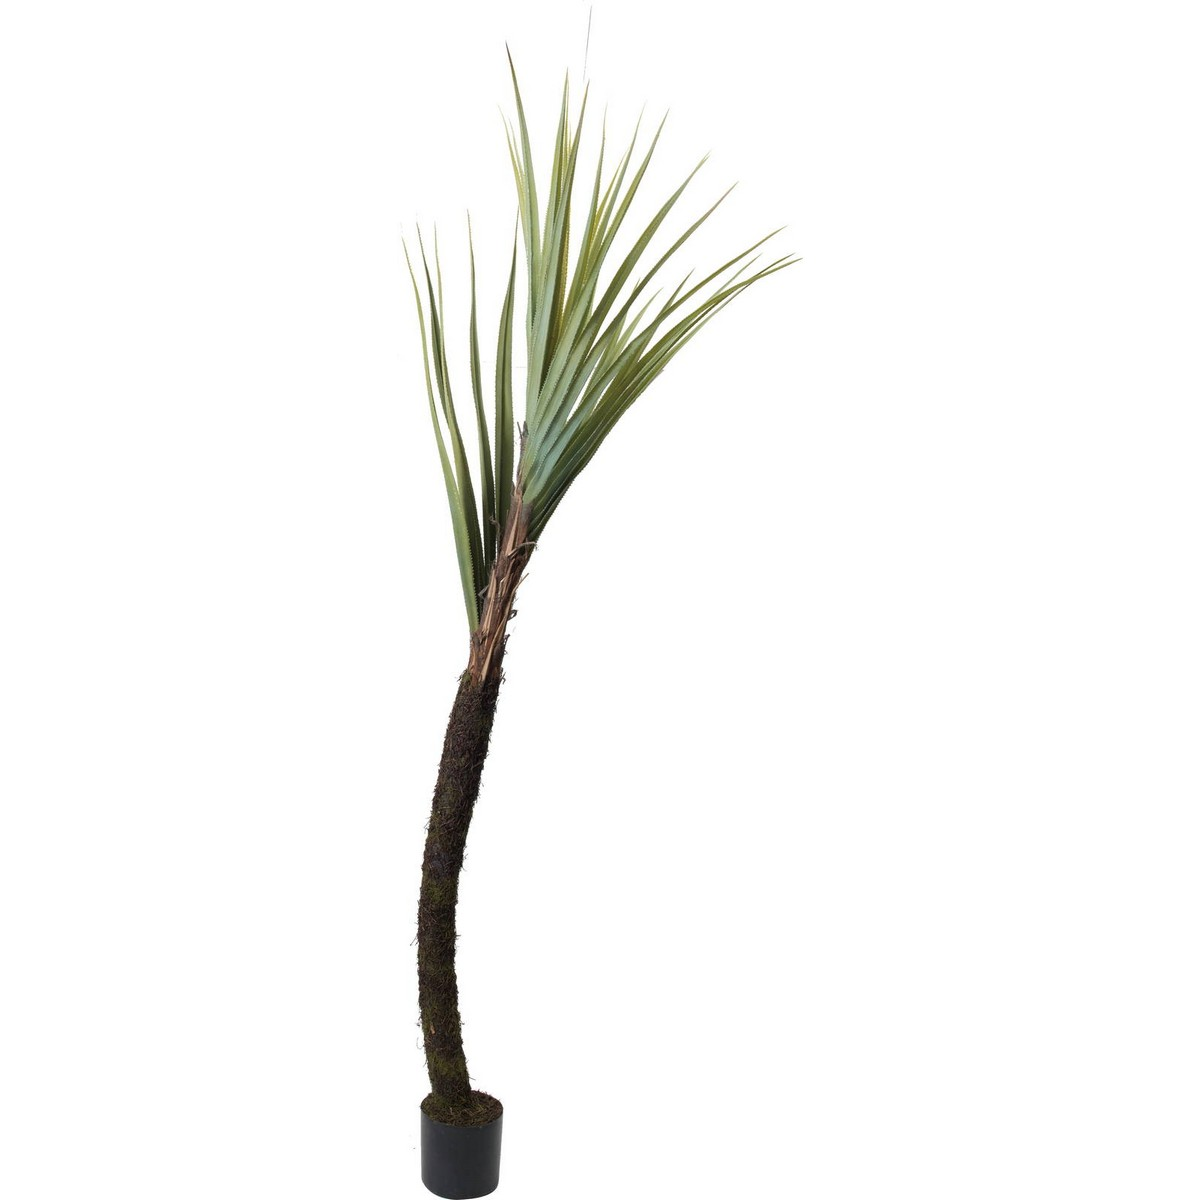 【直送】【人工観葉植物】YDM/240cmパンダナス/GLP-1492 ※返品・代引・キャンセル不可【01】